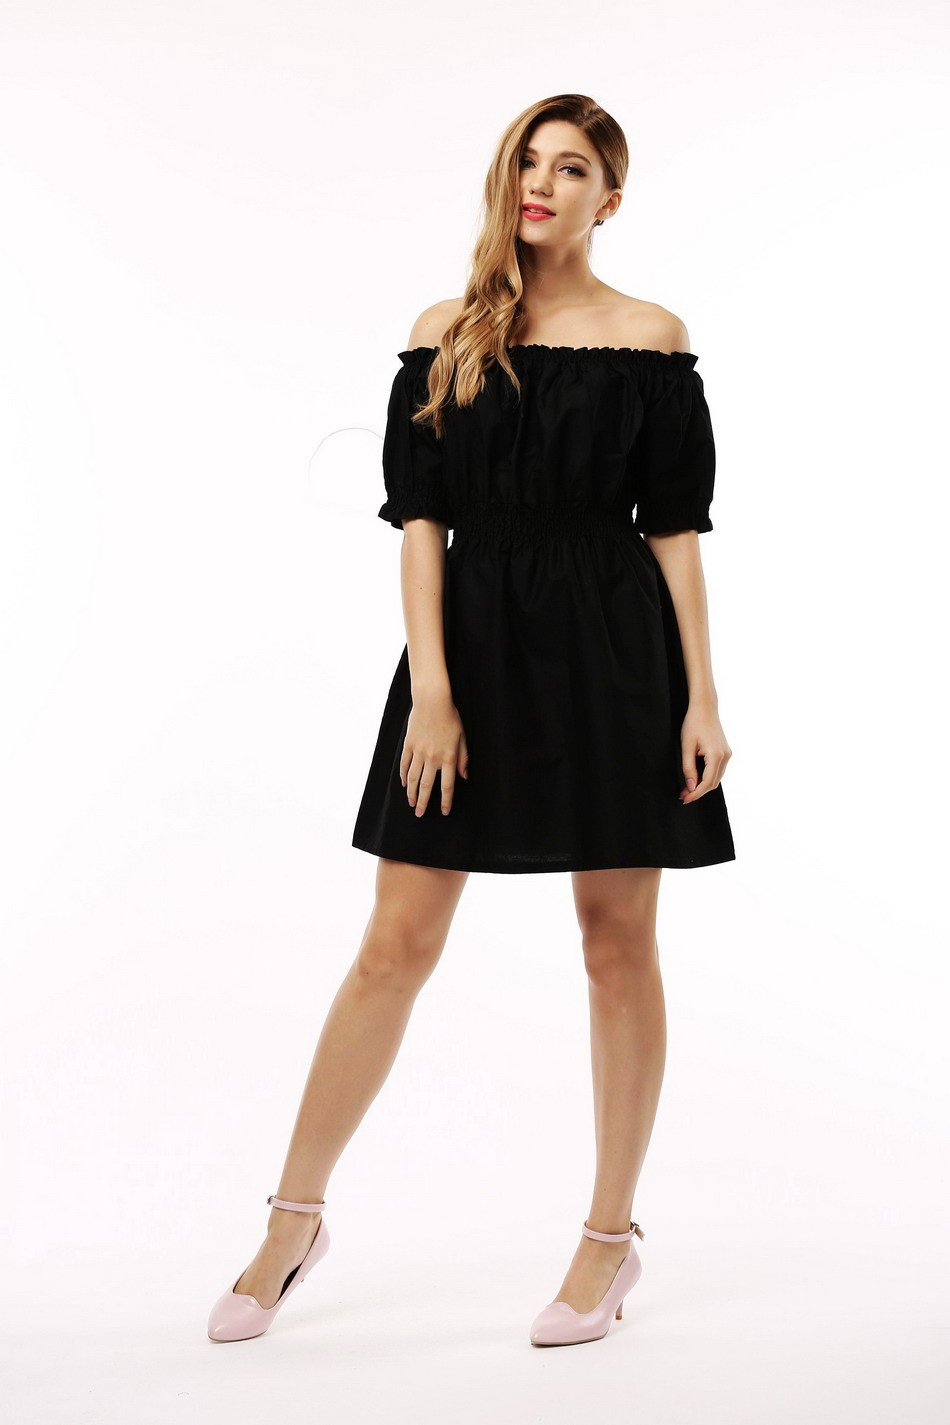 100% bawełna nowy 2017 jesień lato kobiety dress krótki rękaw casual sukienki plus size vestidos wc0380 12